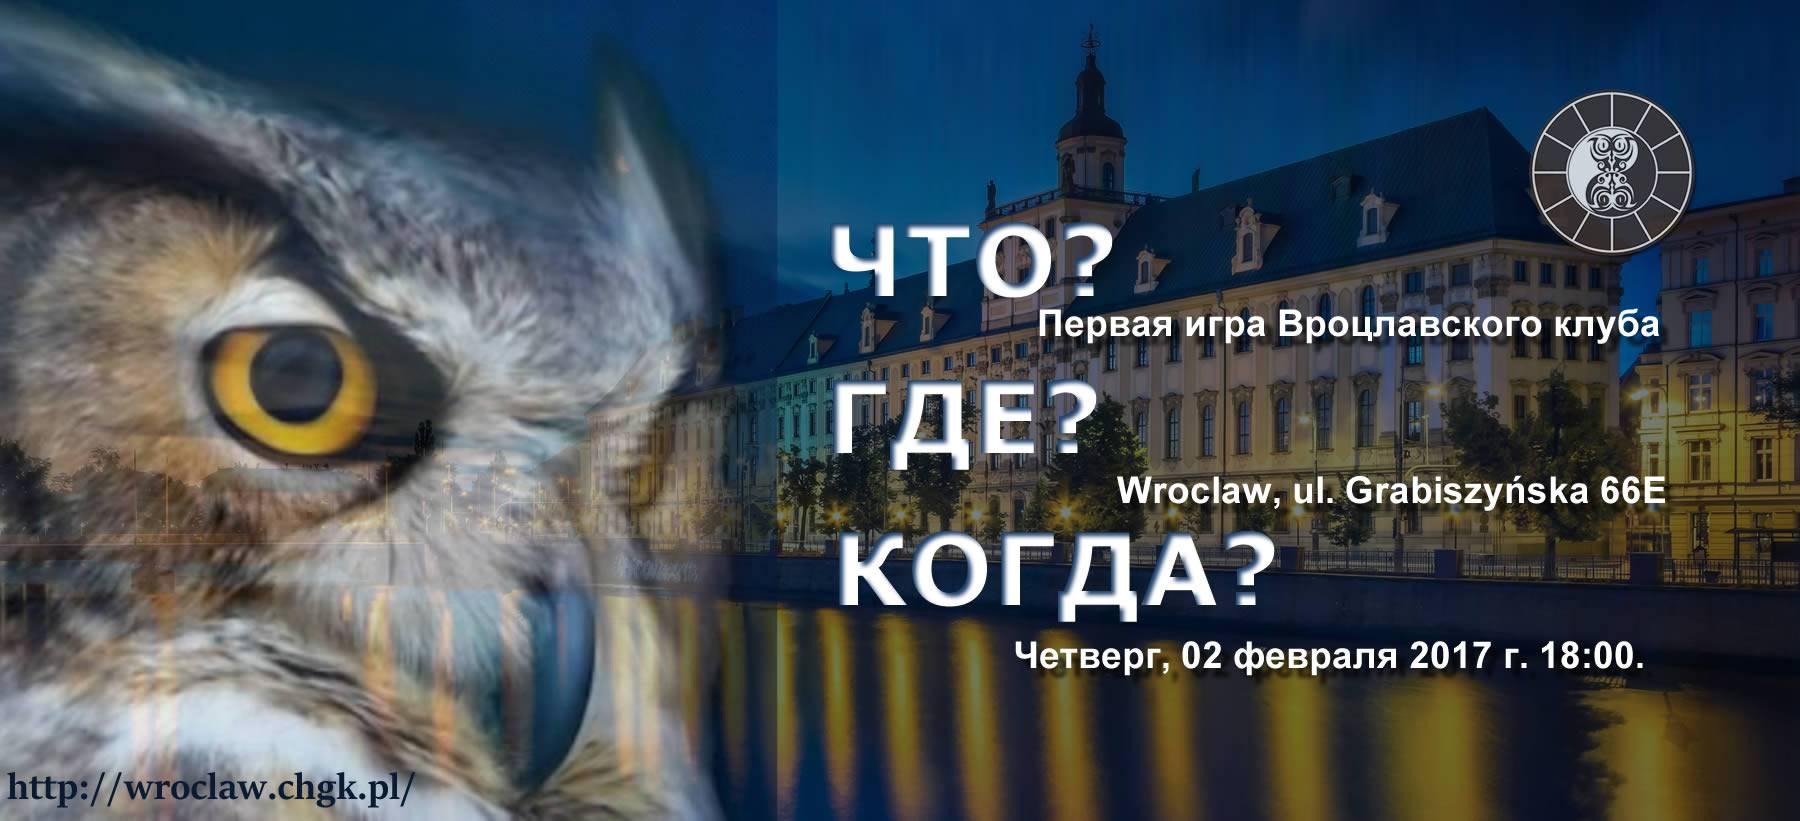 Во Вроцлаве пройдет кубок знатоков «Что? Где? Когда?»